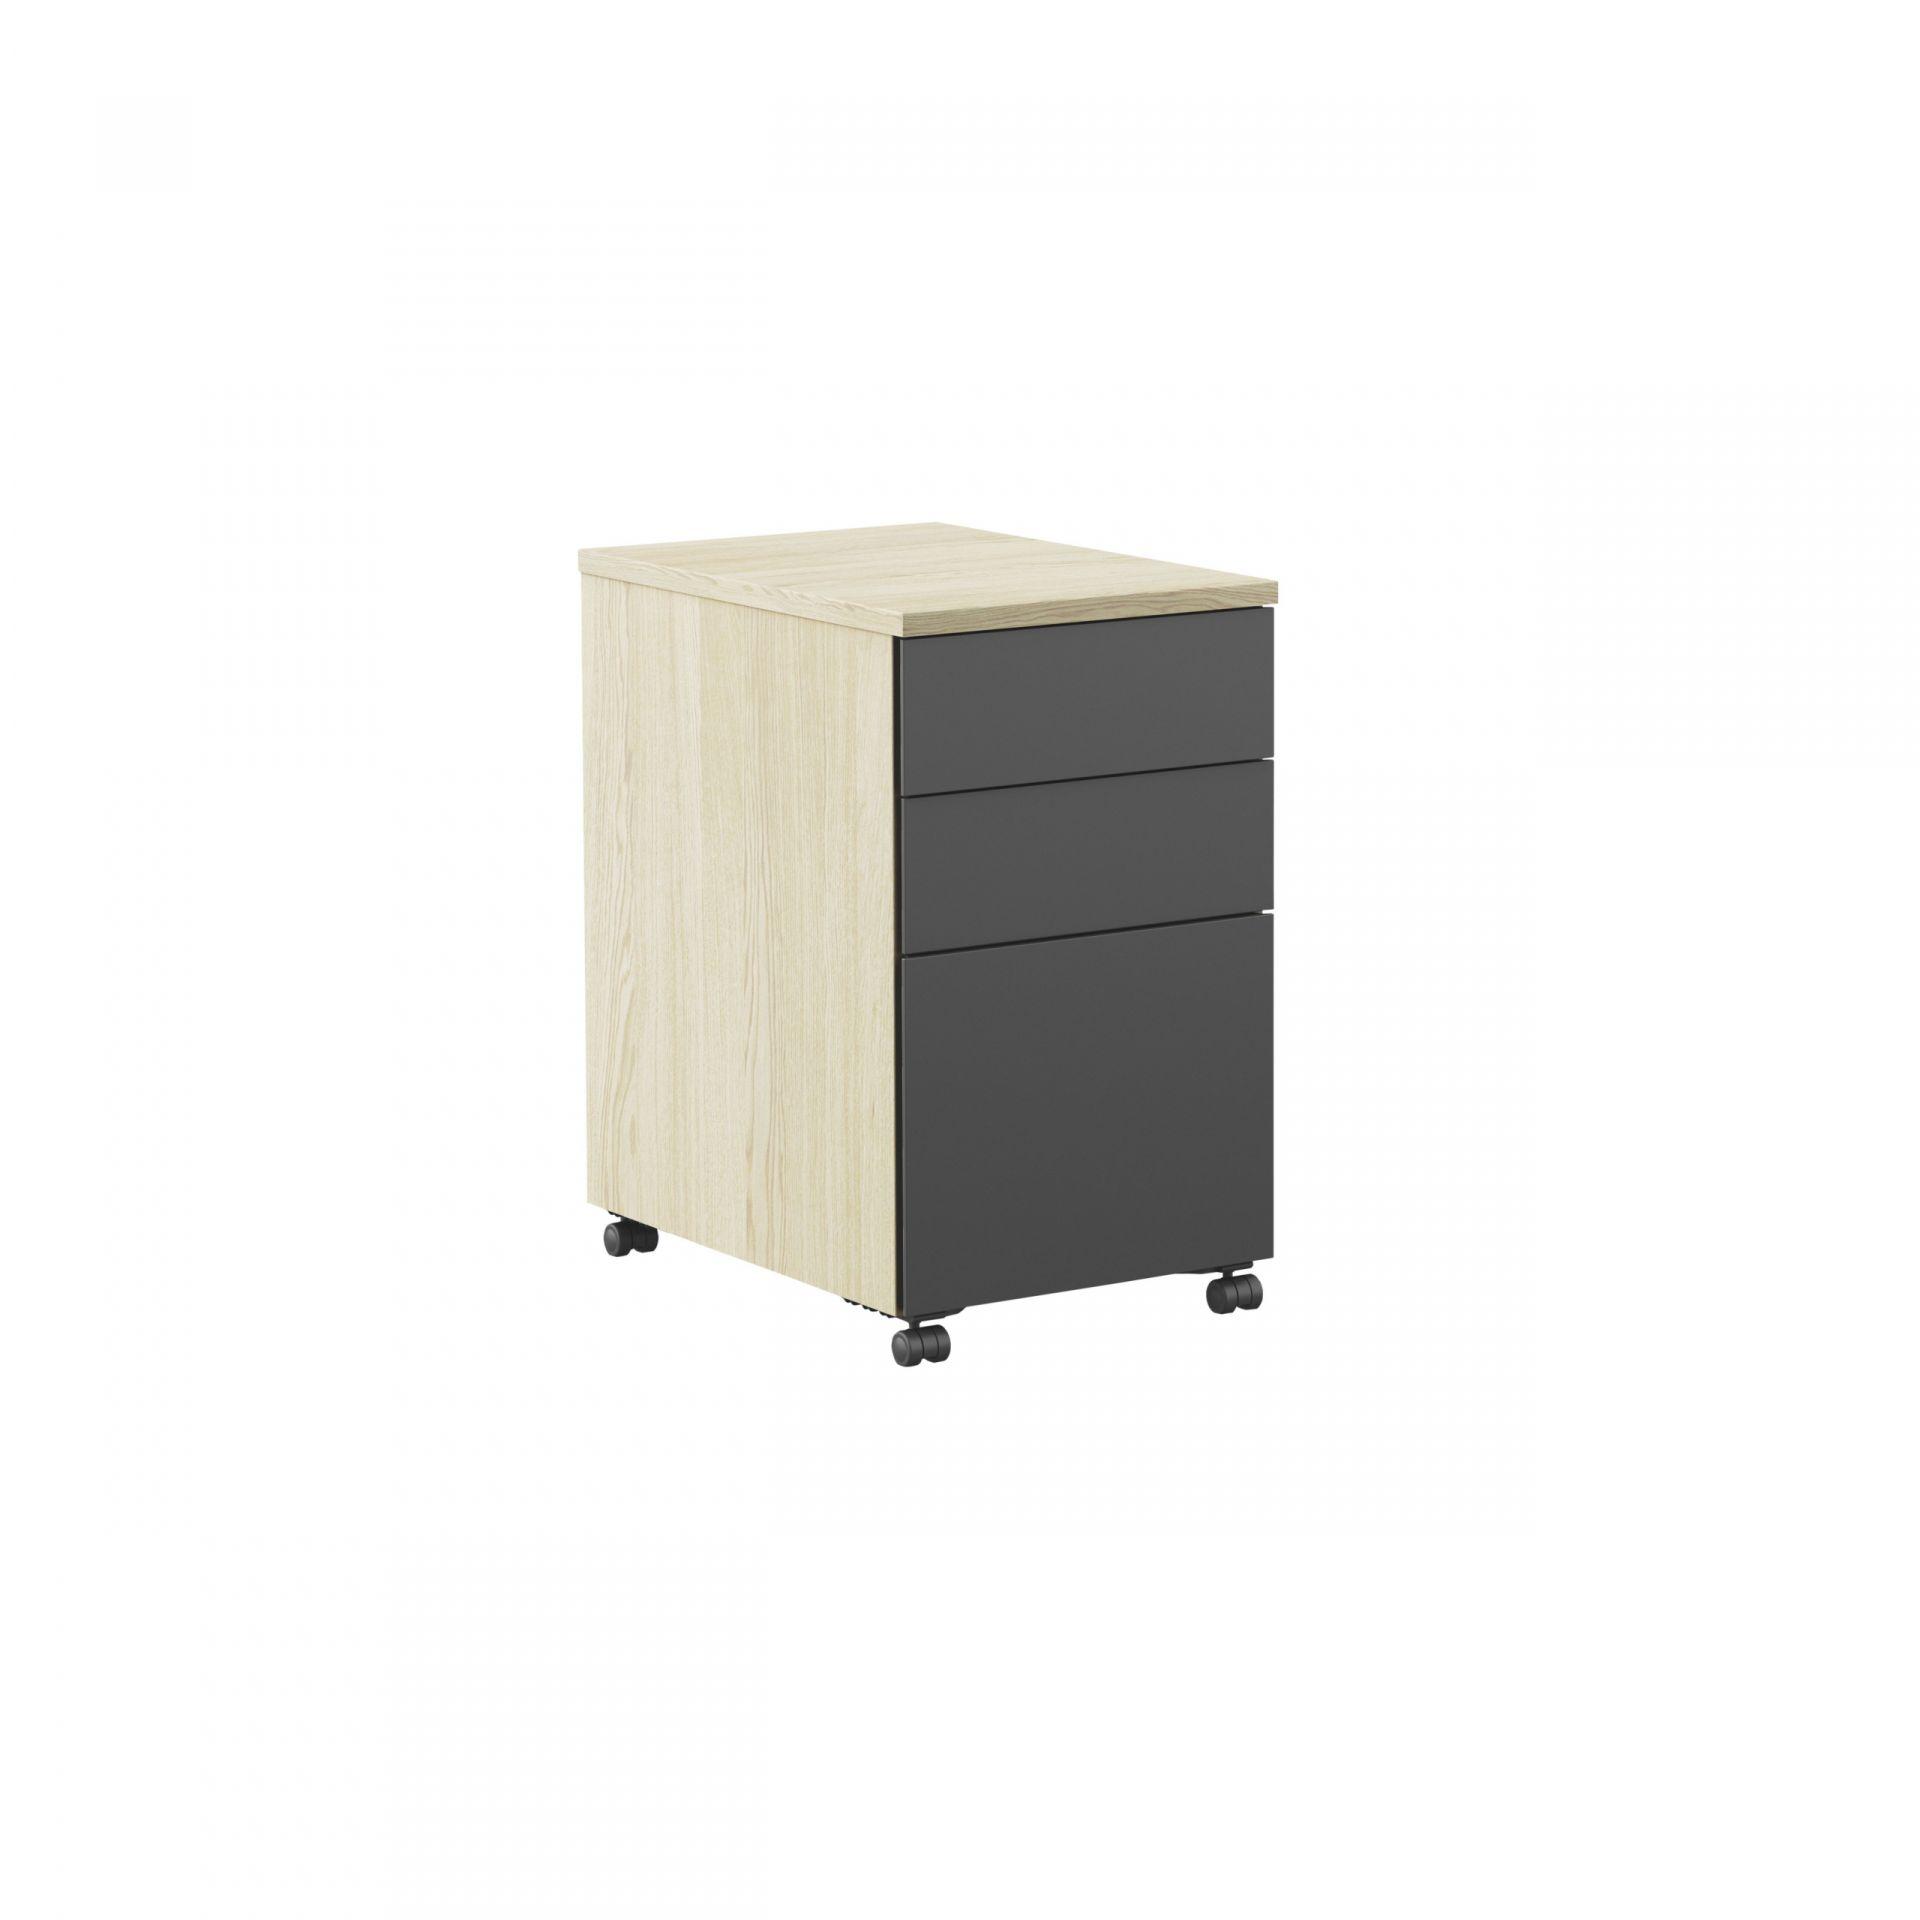 Storage Förvaring med hyllor, dörrar och lådor produktbild 2